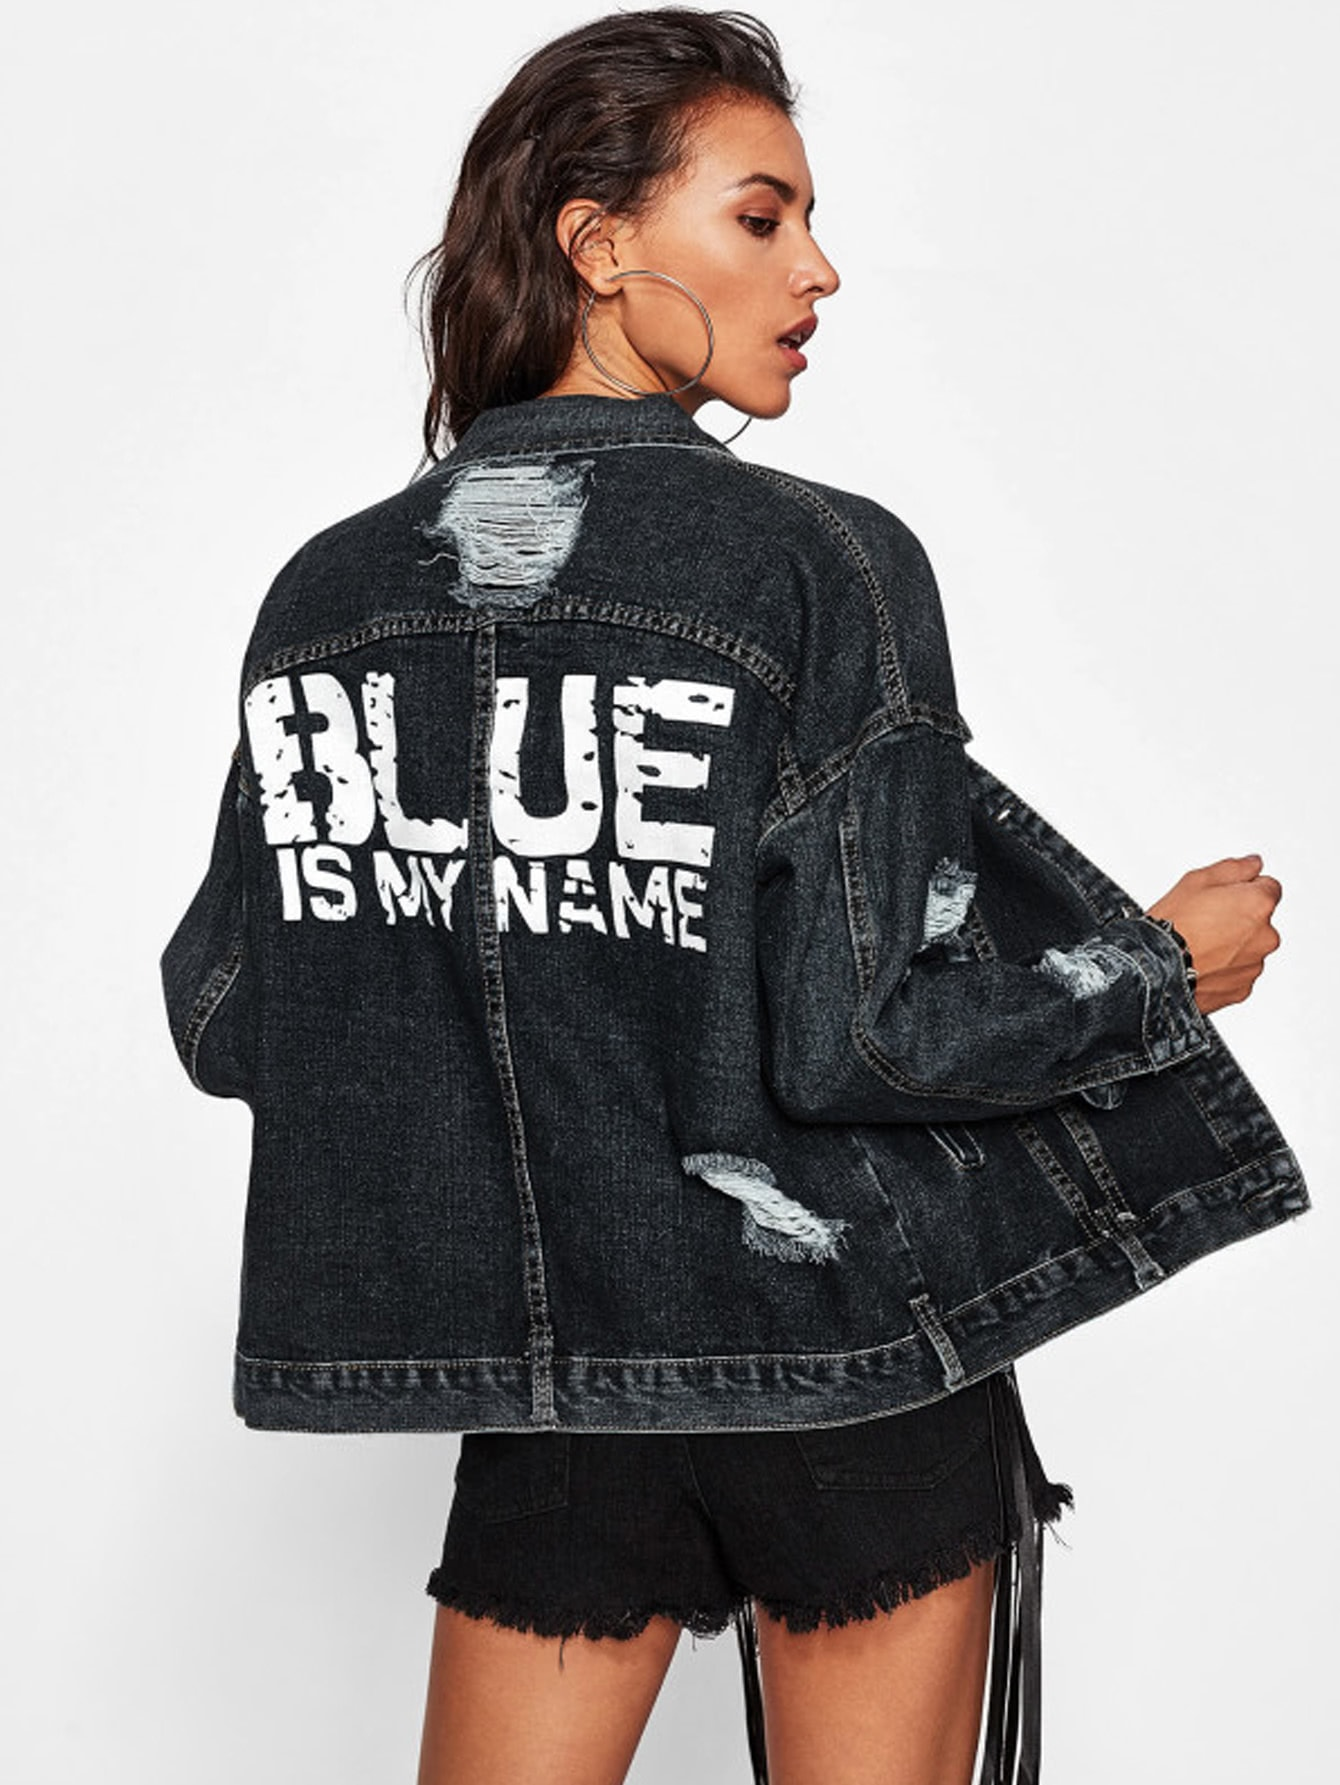 Distressed Bleach Wash Boyfriend Denim Jacket patch design distressed denim jacket